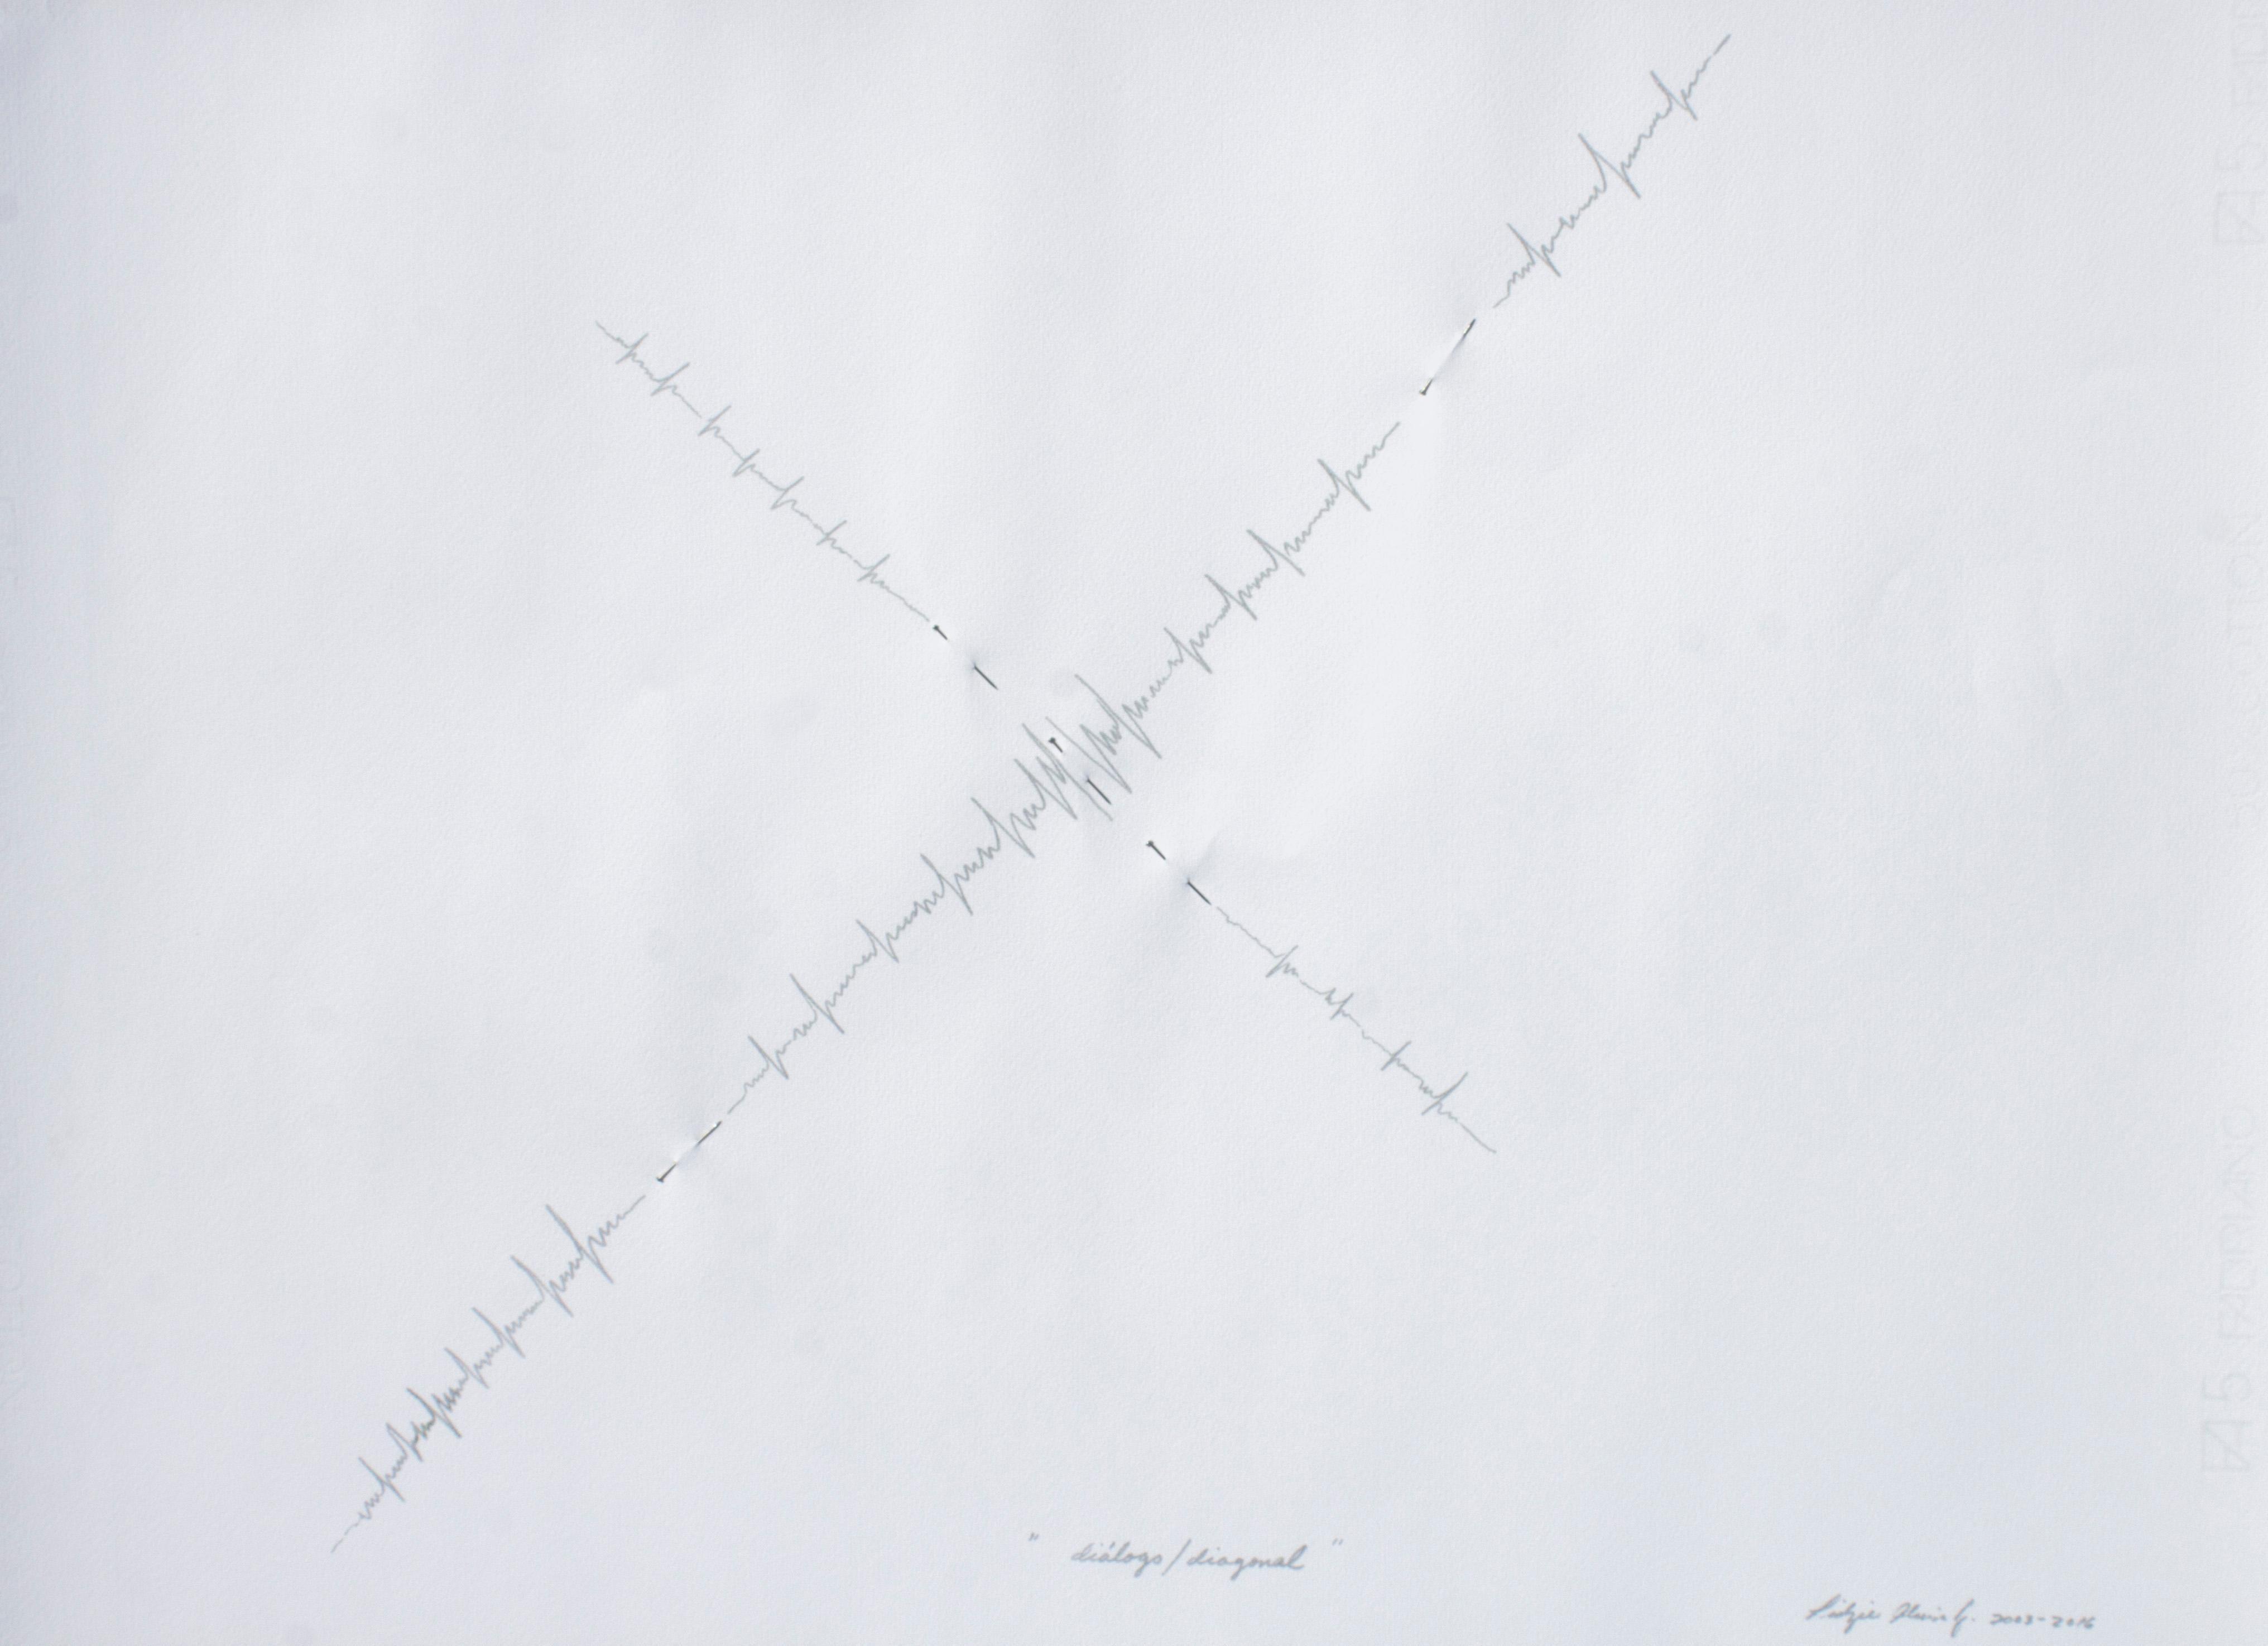 Dialogo / diagonal